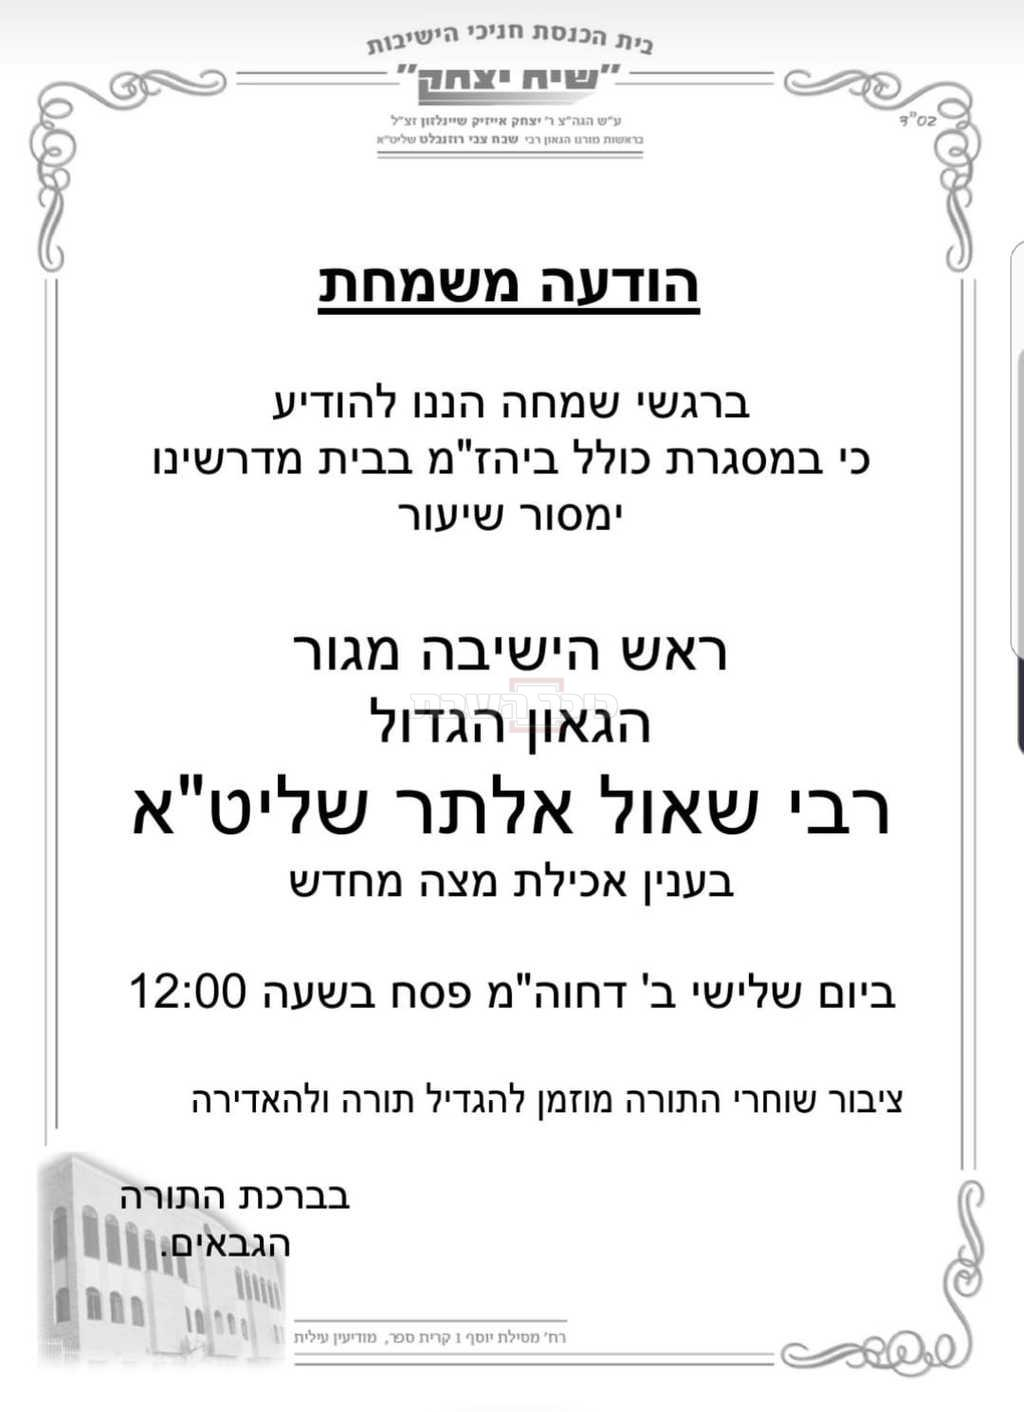 המודעה בבית הכנסת